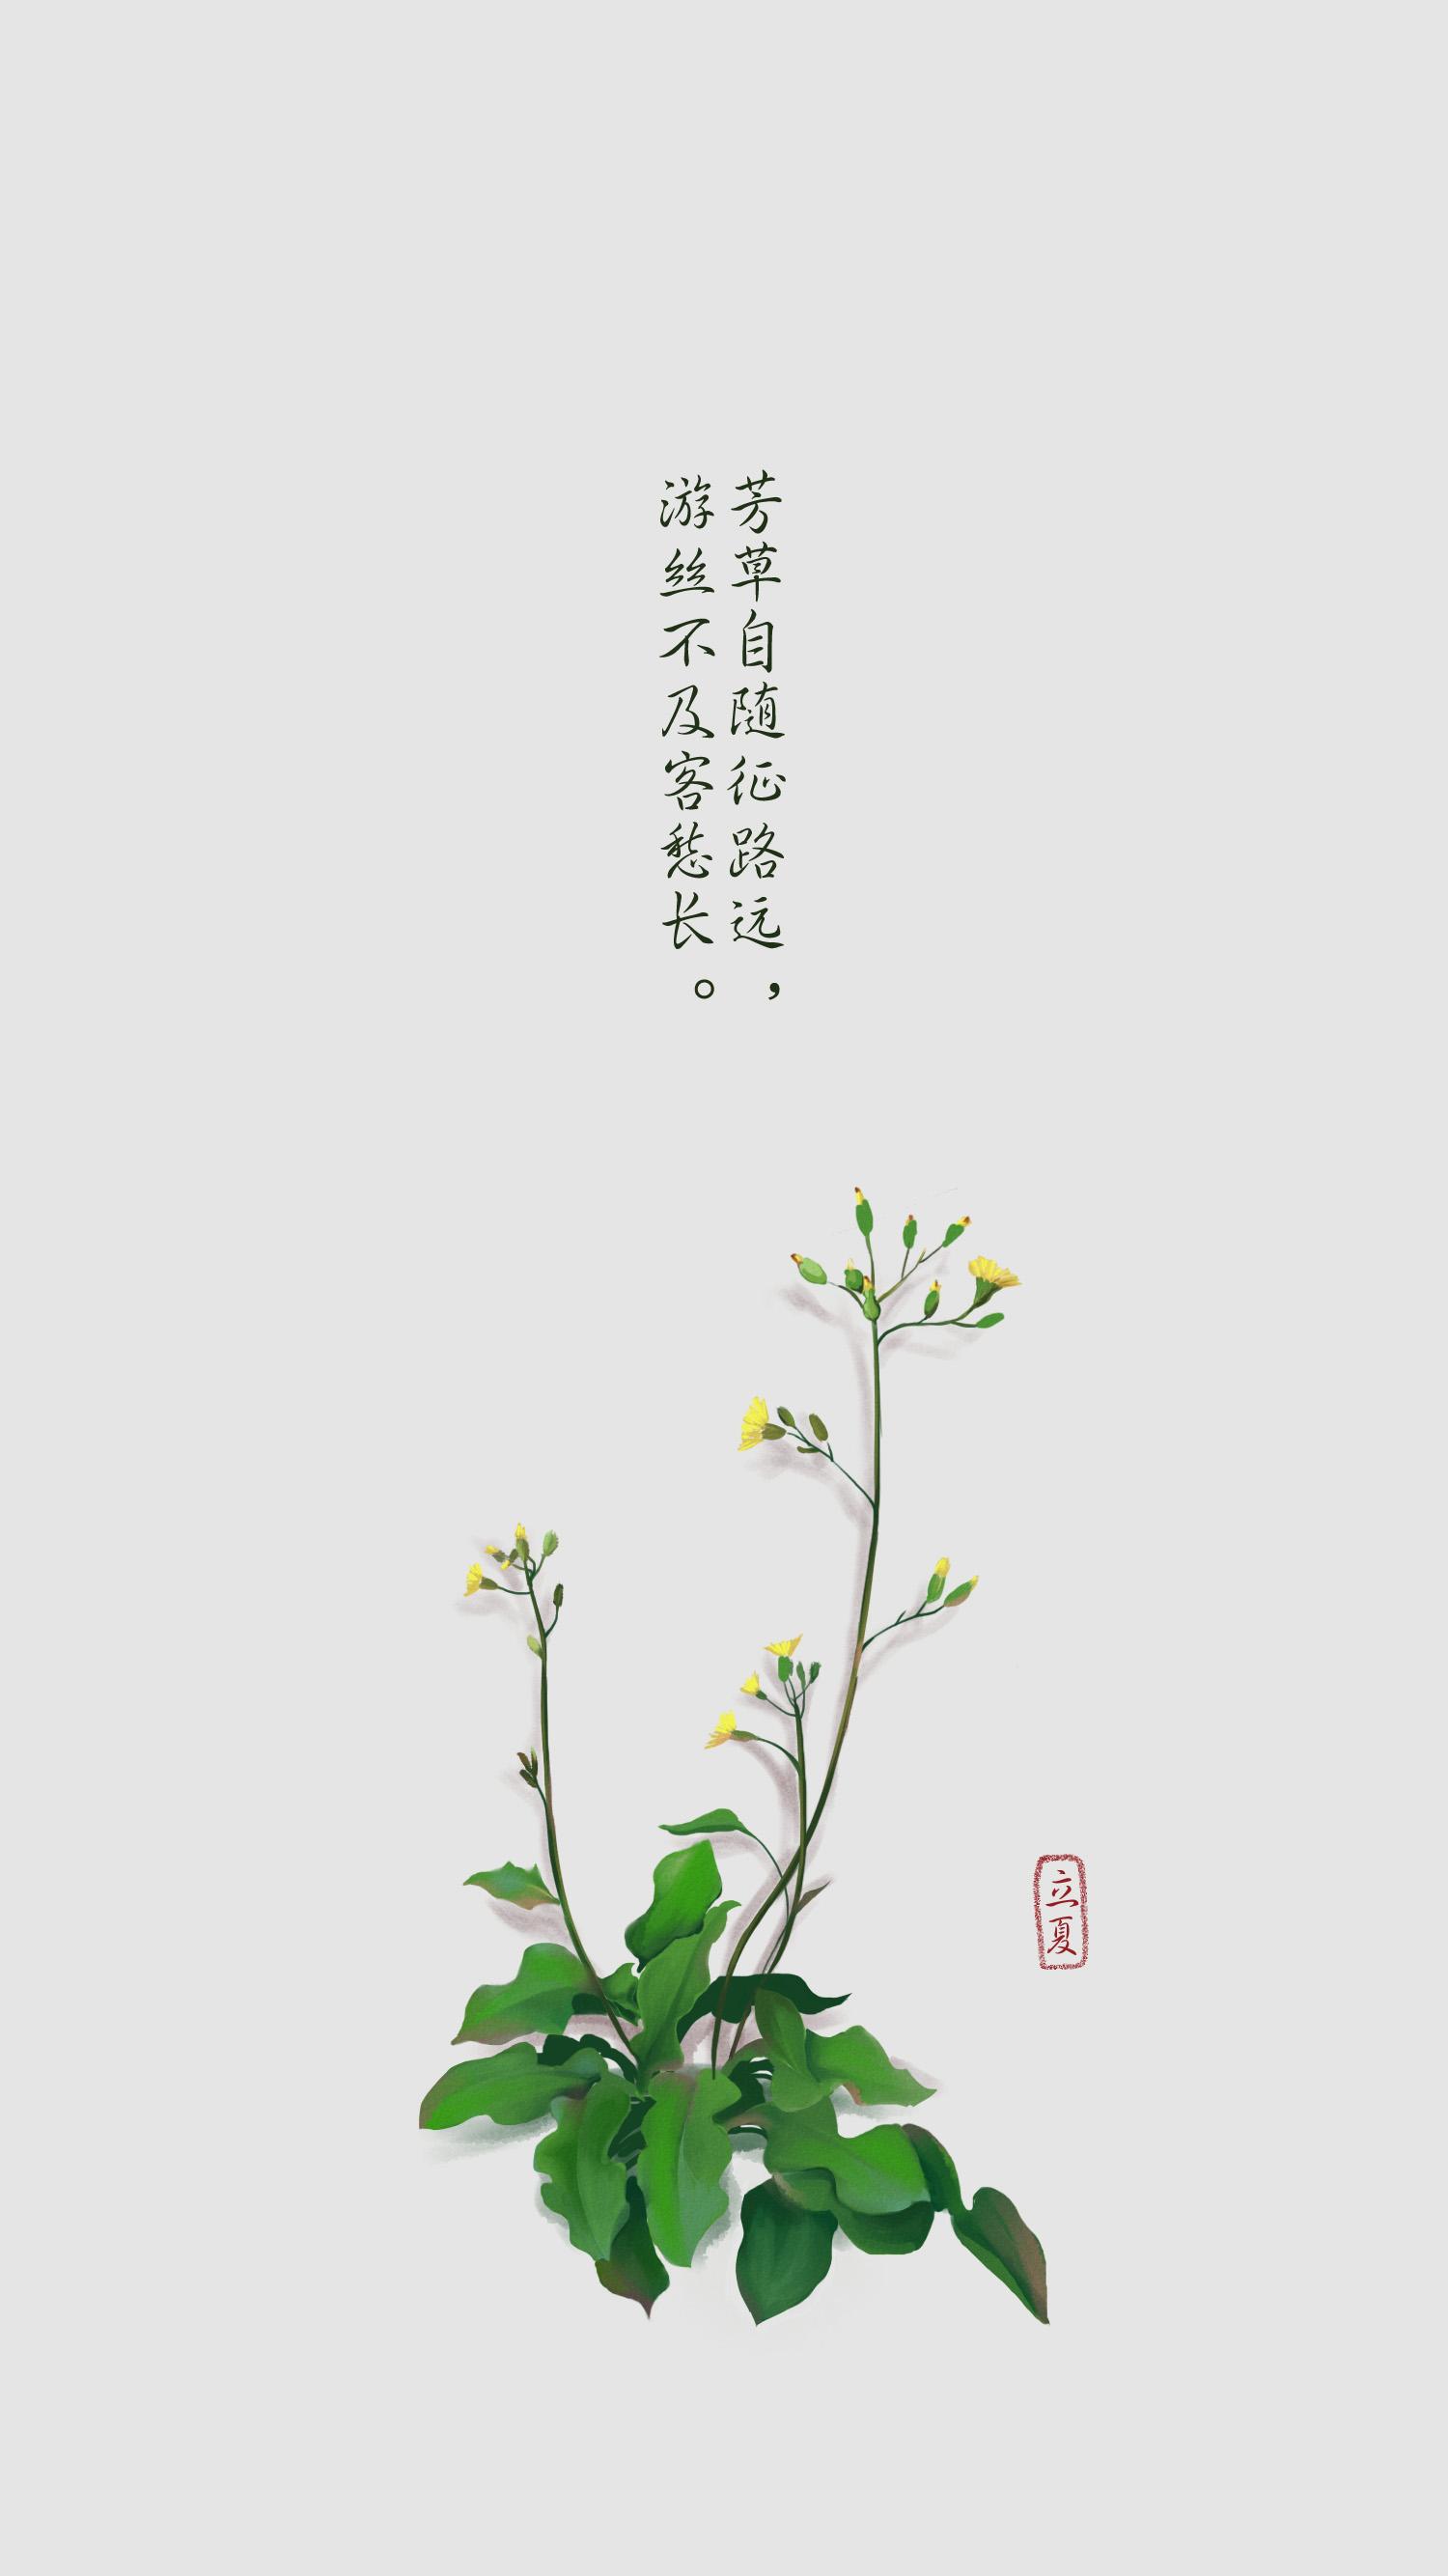 背景墙手绘墙角植物